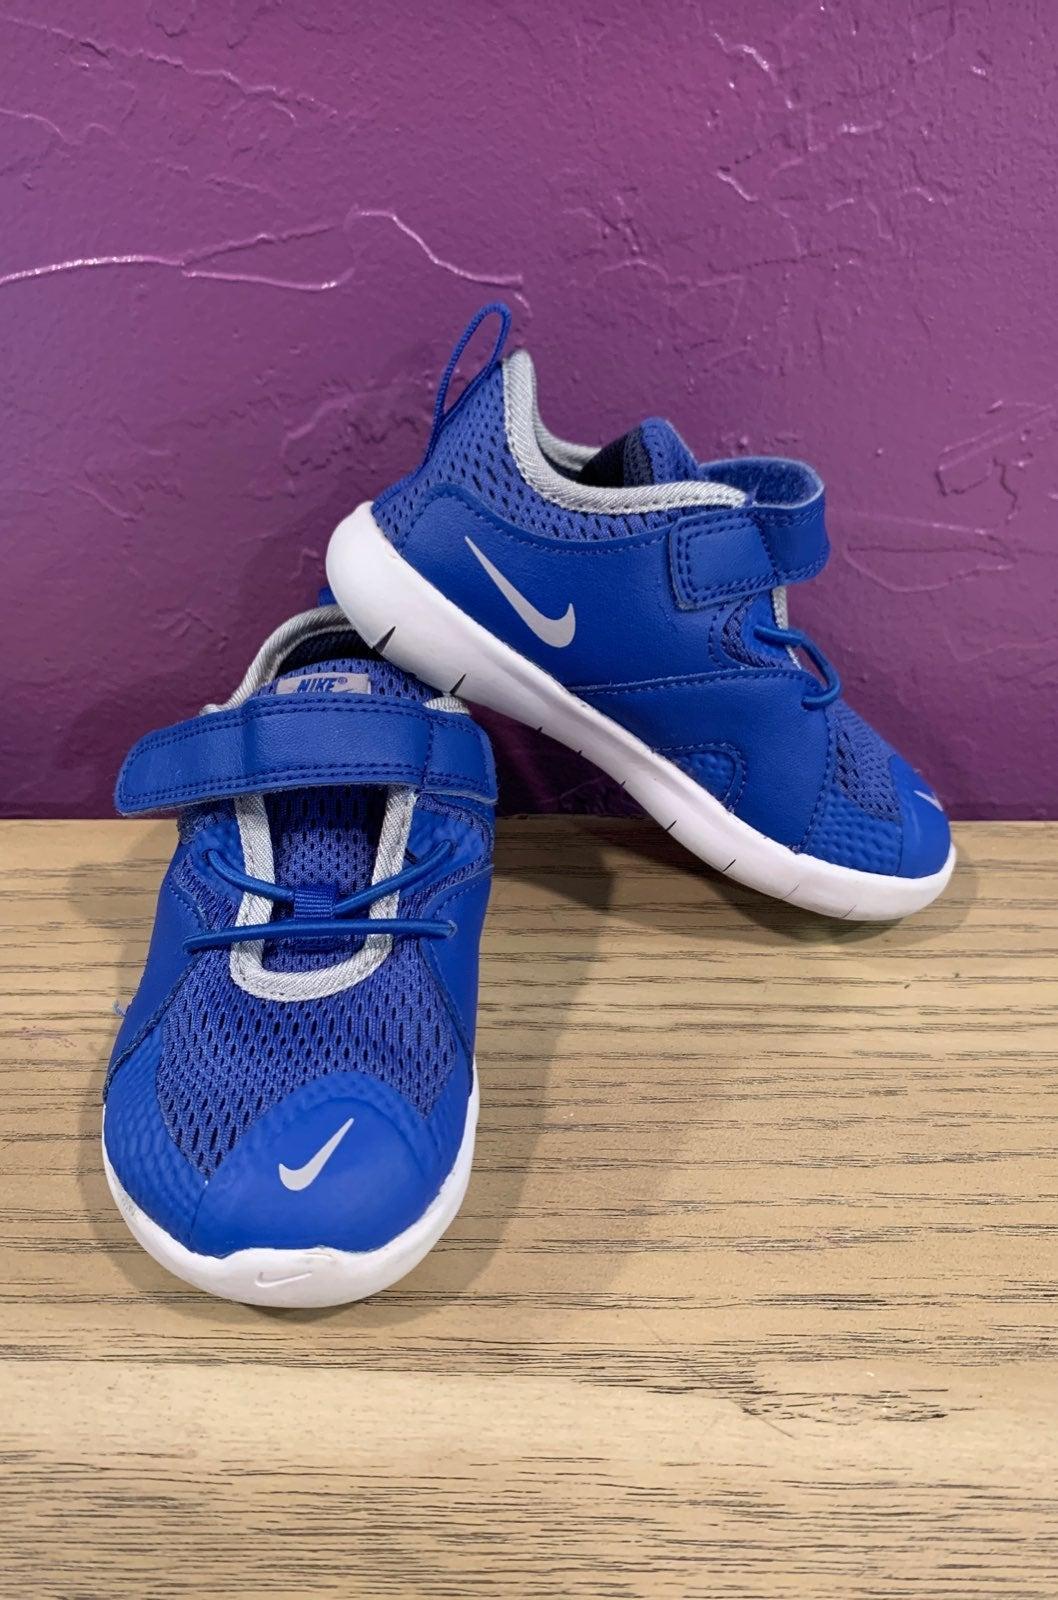 Nike Flex blue toddler 8C tennis shoe